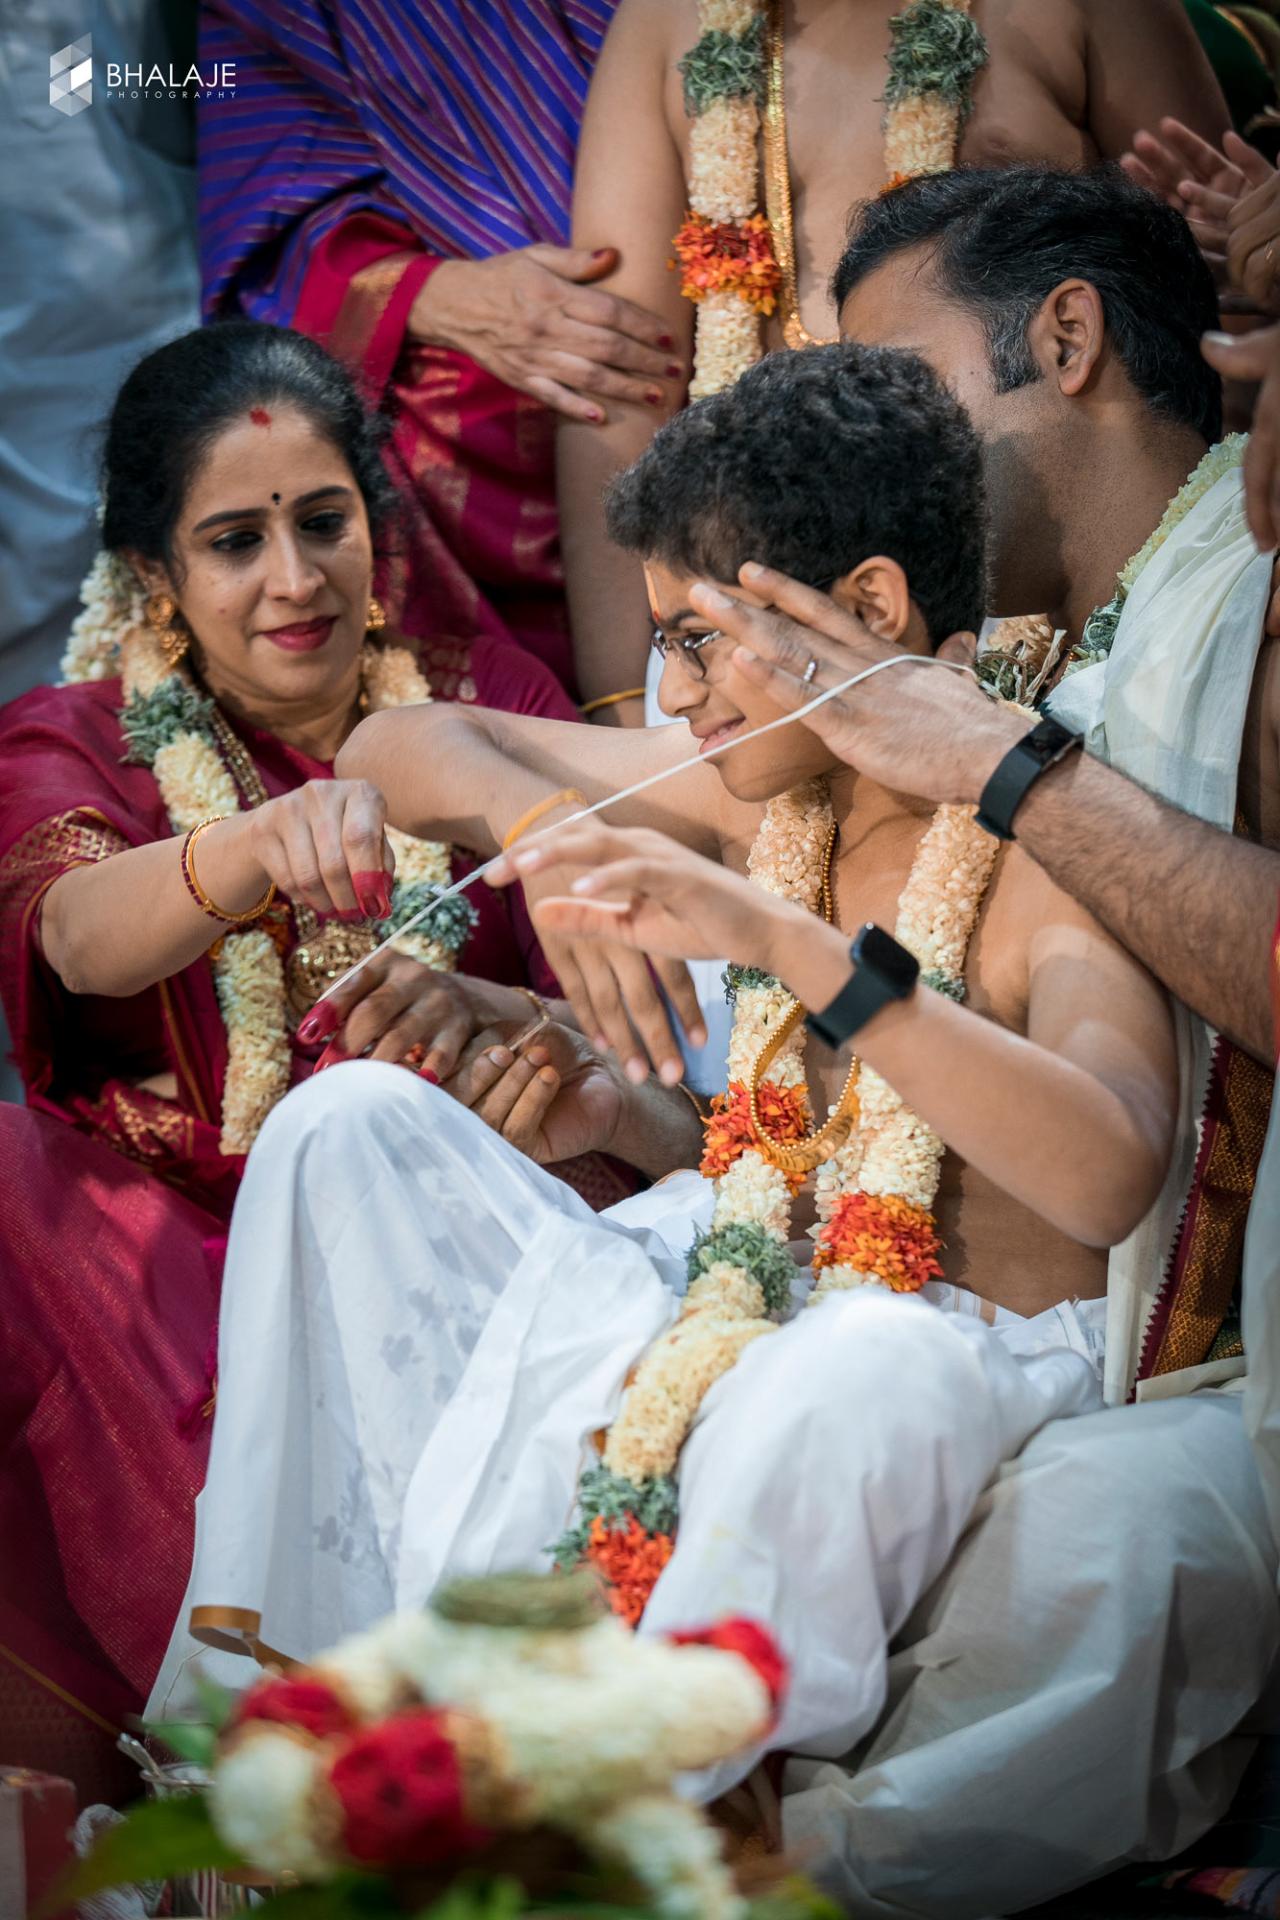 Thread Ceremony Photos,Thread Ceremony Photography,Thread Ceremony Photoshoot,Upanayanam, Upanayanam Photoshoot,Upanayanam Photography,Upanayana Ceremony